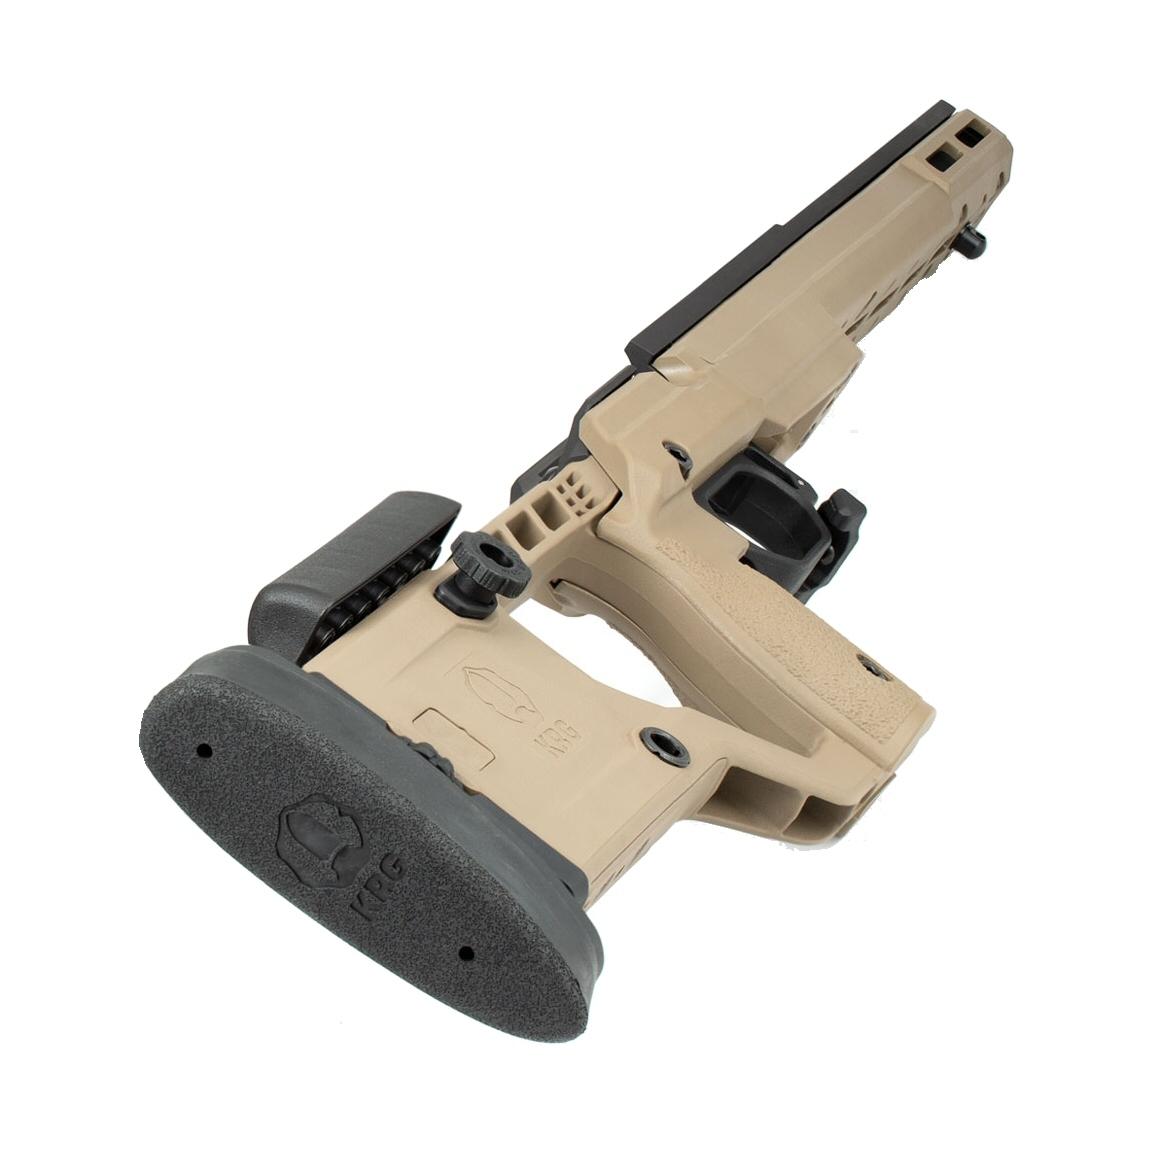 KRG X-Ray Rifle Chassis Remington 700 SA FDE